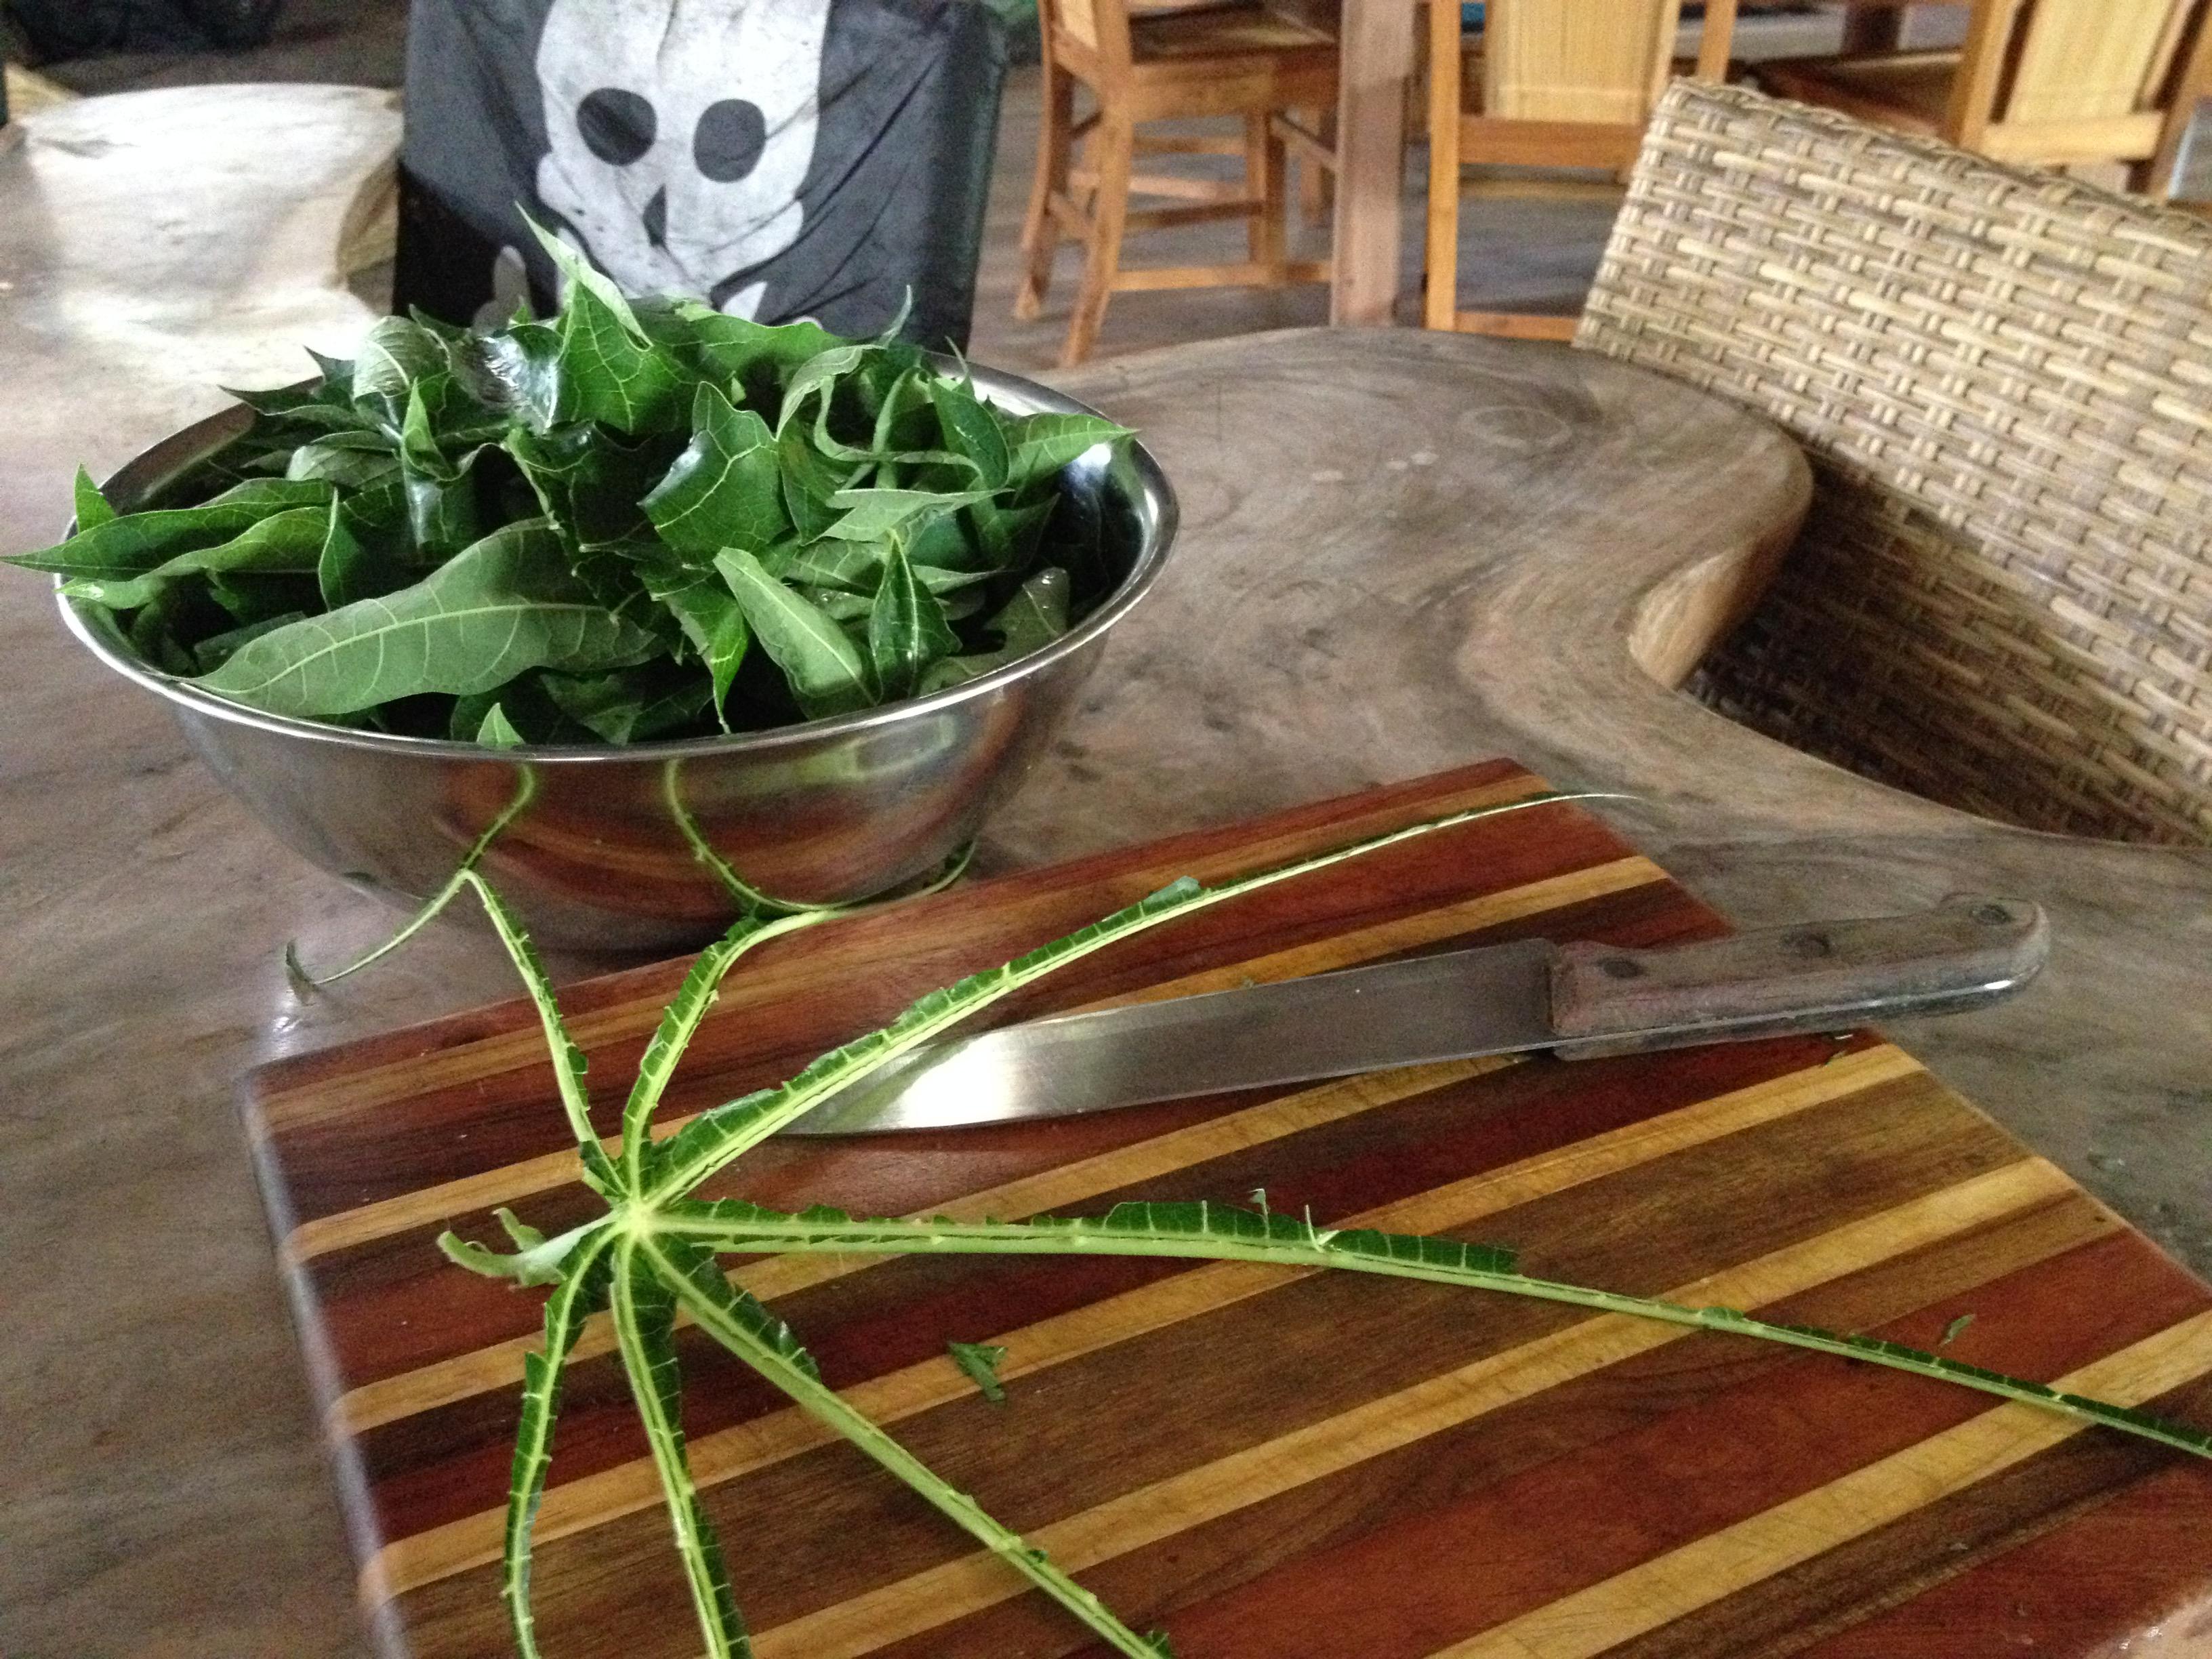 Papaya Leaf Cure for Dengue Fever and Chikungunya | De la Pura Vida